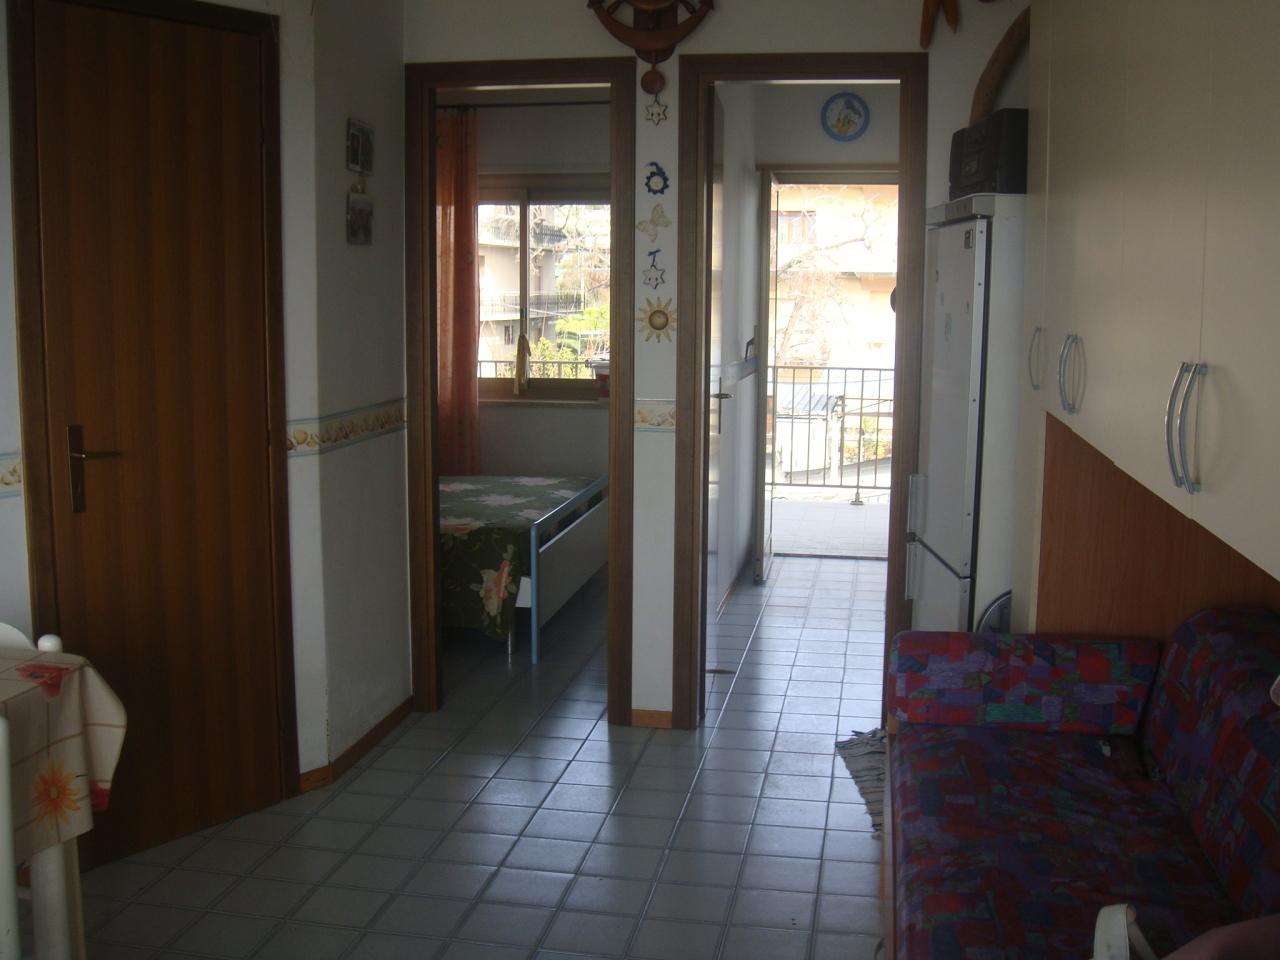 Appartamento in vendita a Bova Marina, 2 locali, prezzo € 55.000 | CambioCasa.it